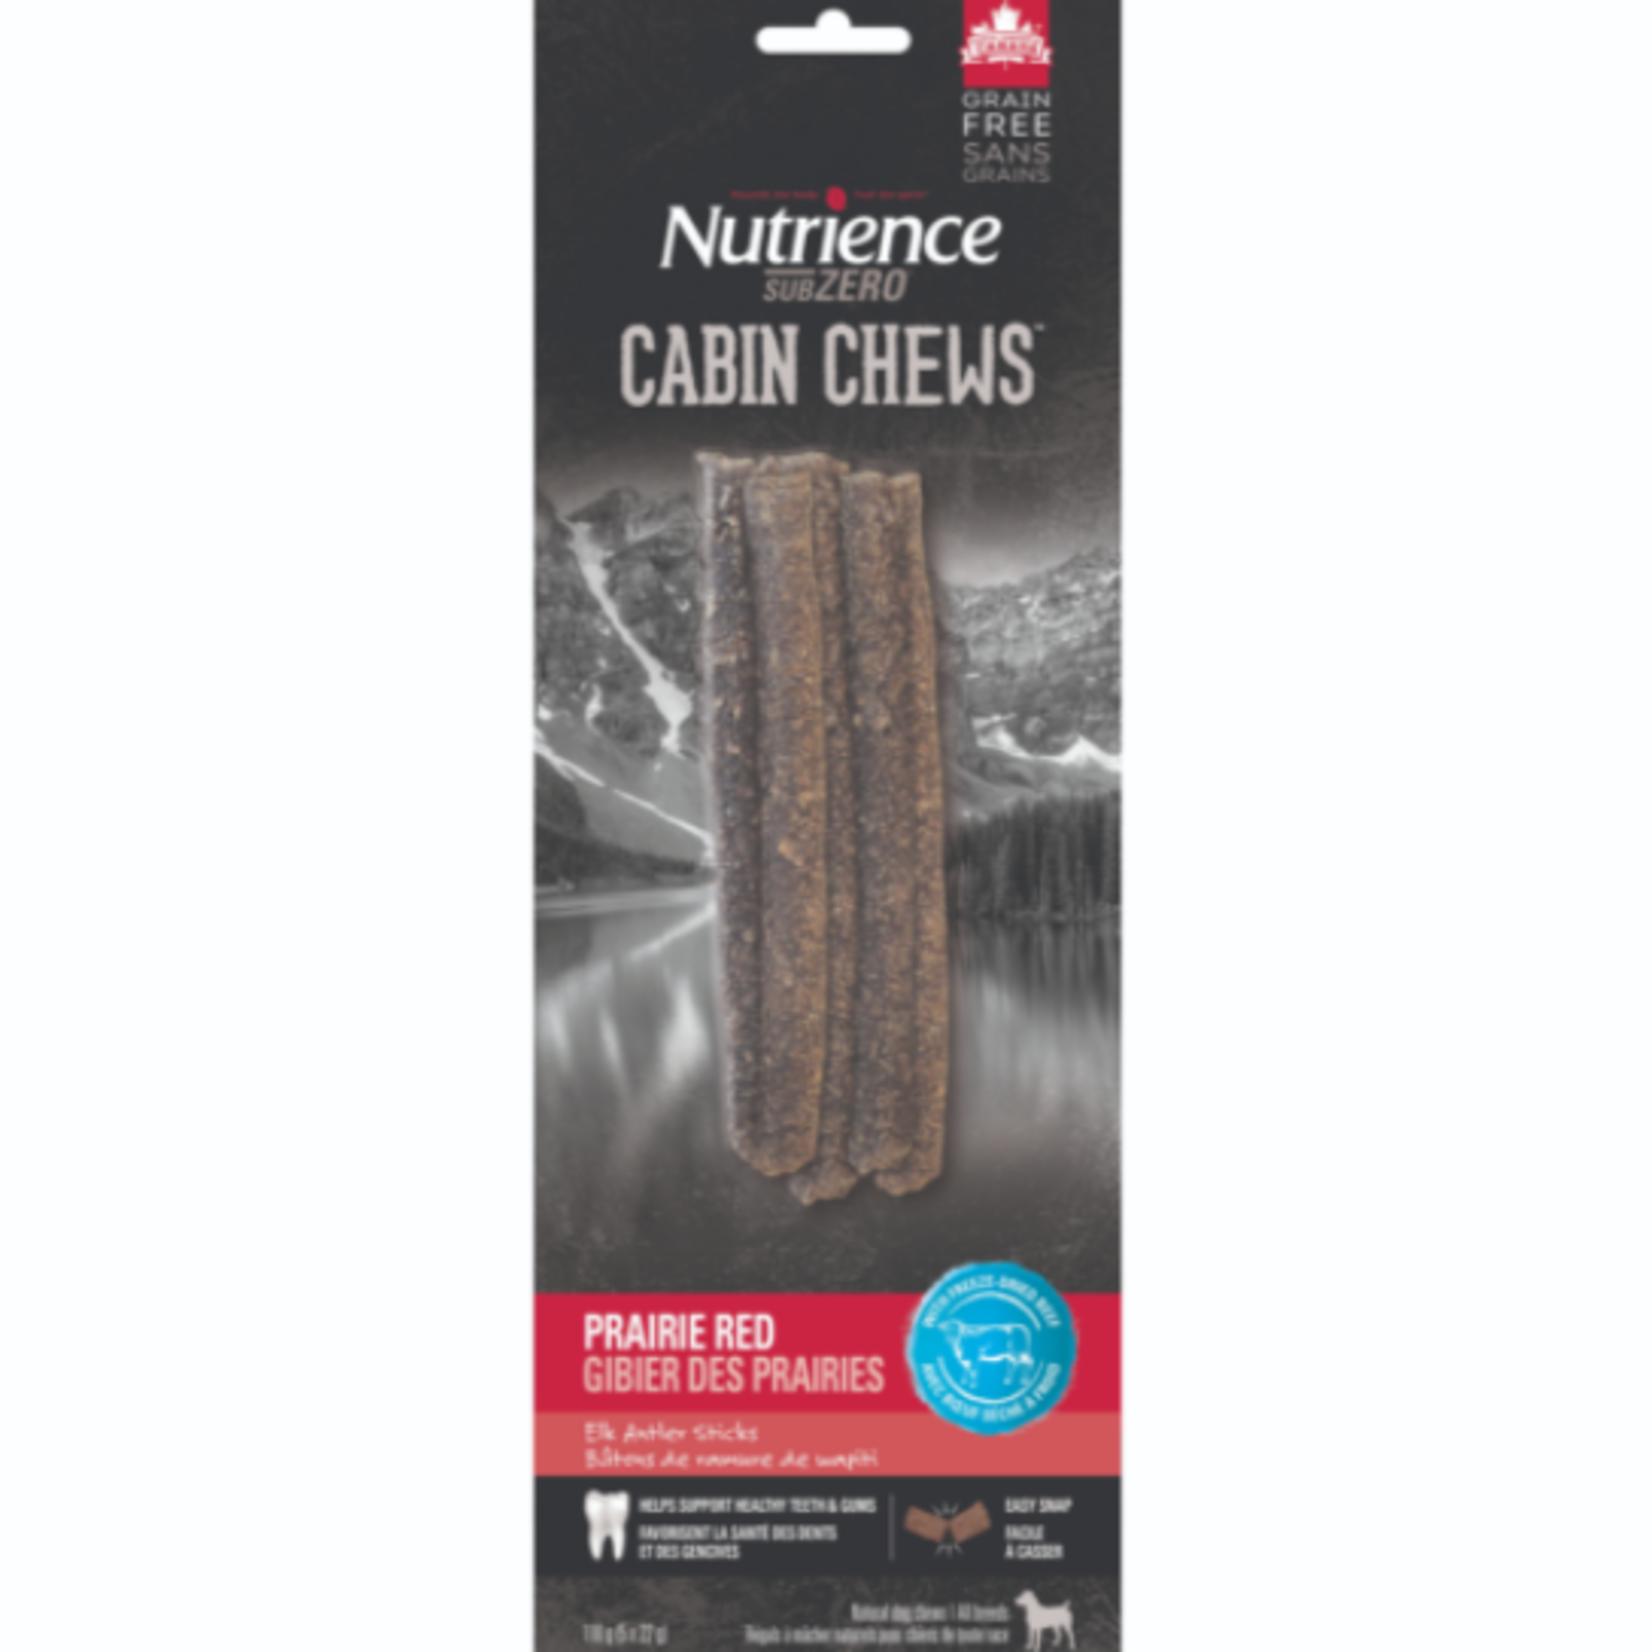 nutrience Subzero Cabin Chews Elk Antler Sticks - Prairie Red - 5 x 22 g